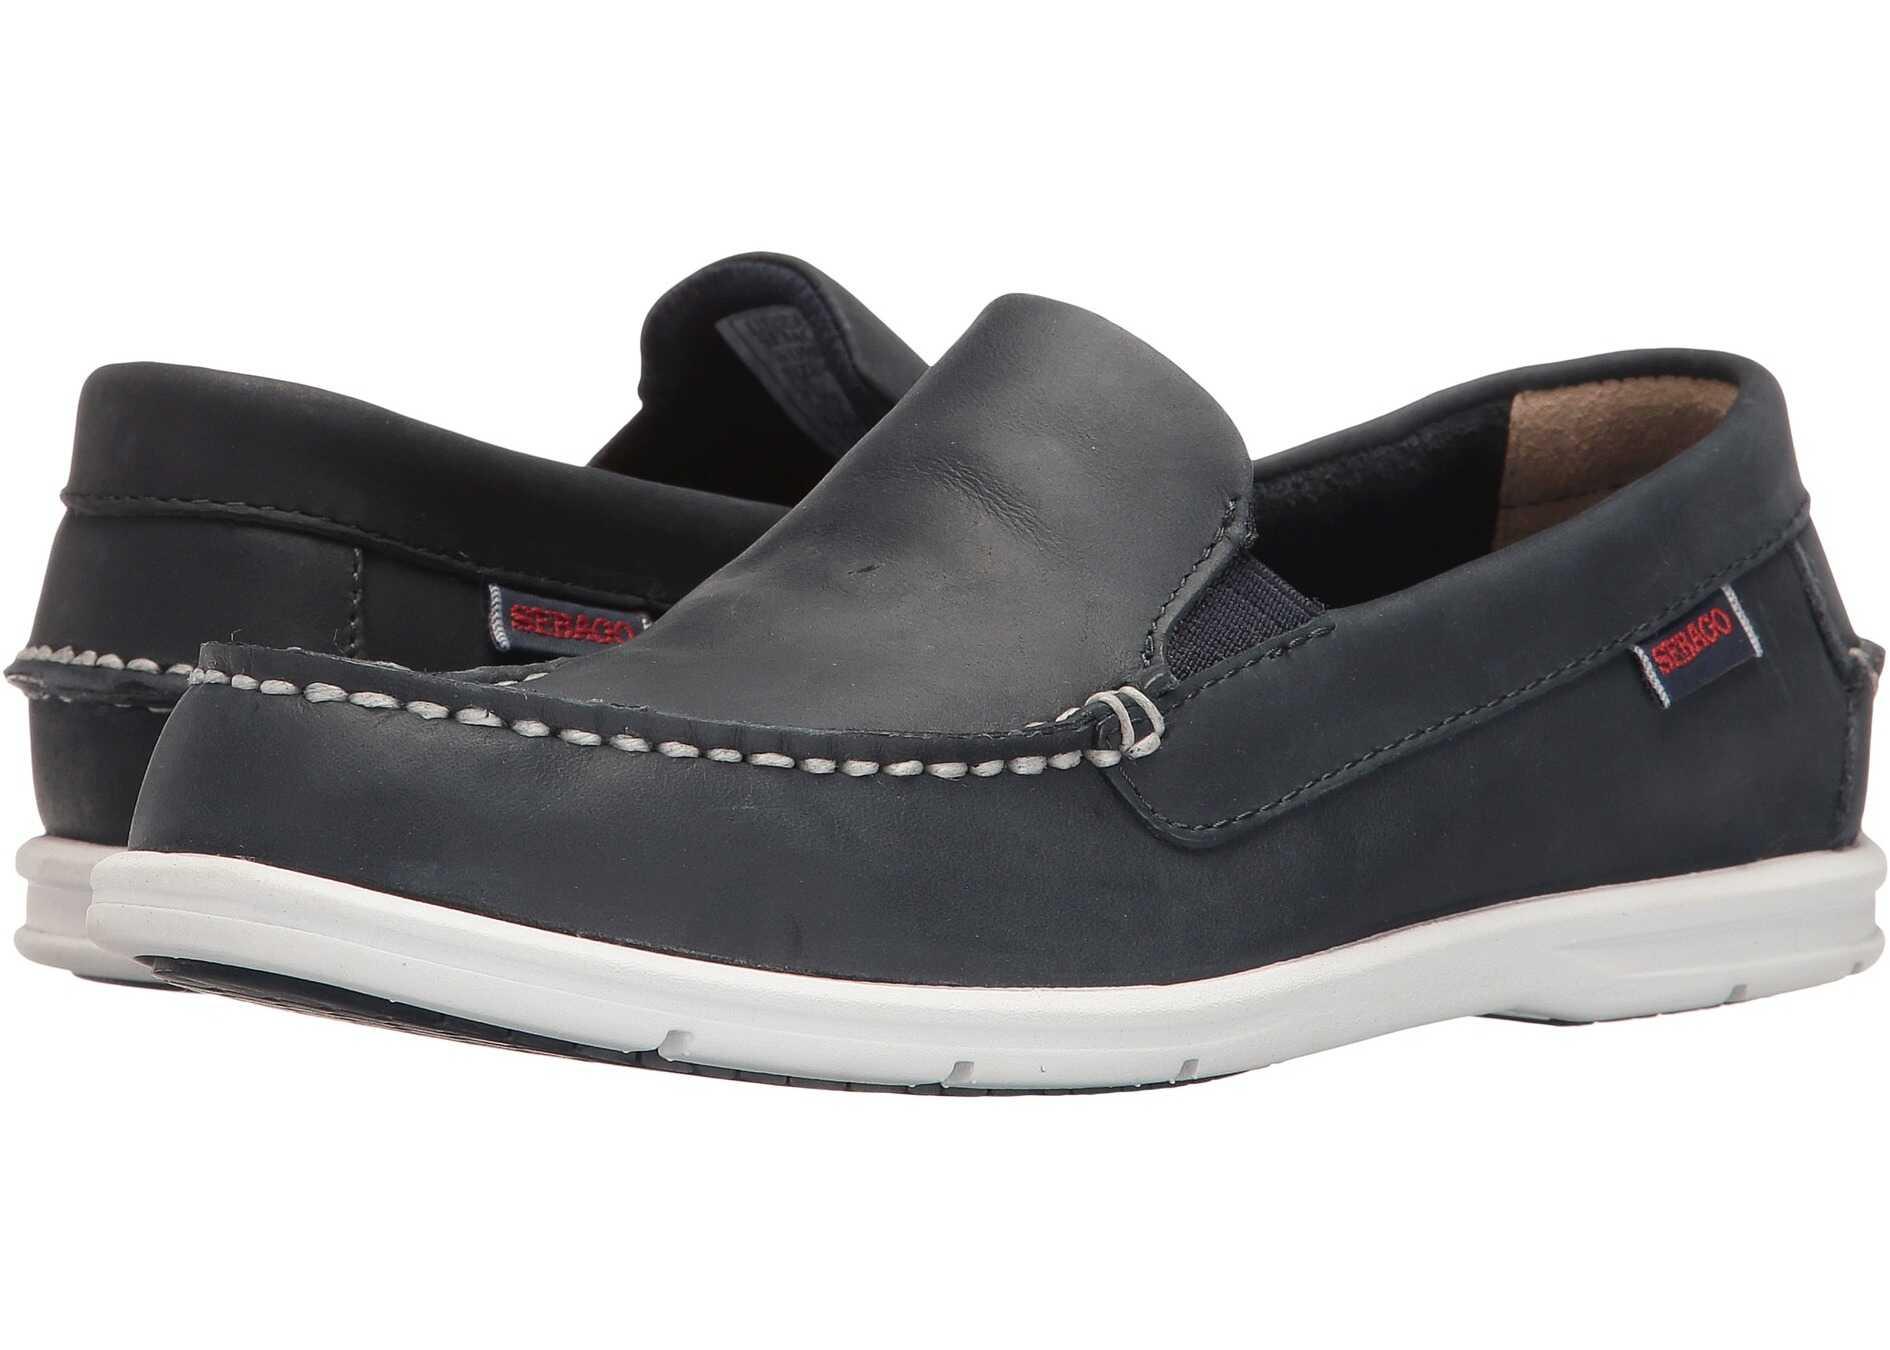 Sebago Liteside Slip-On Navy Leather